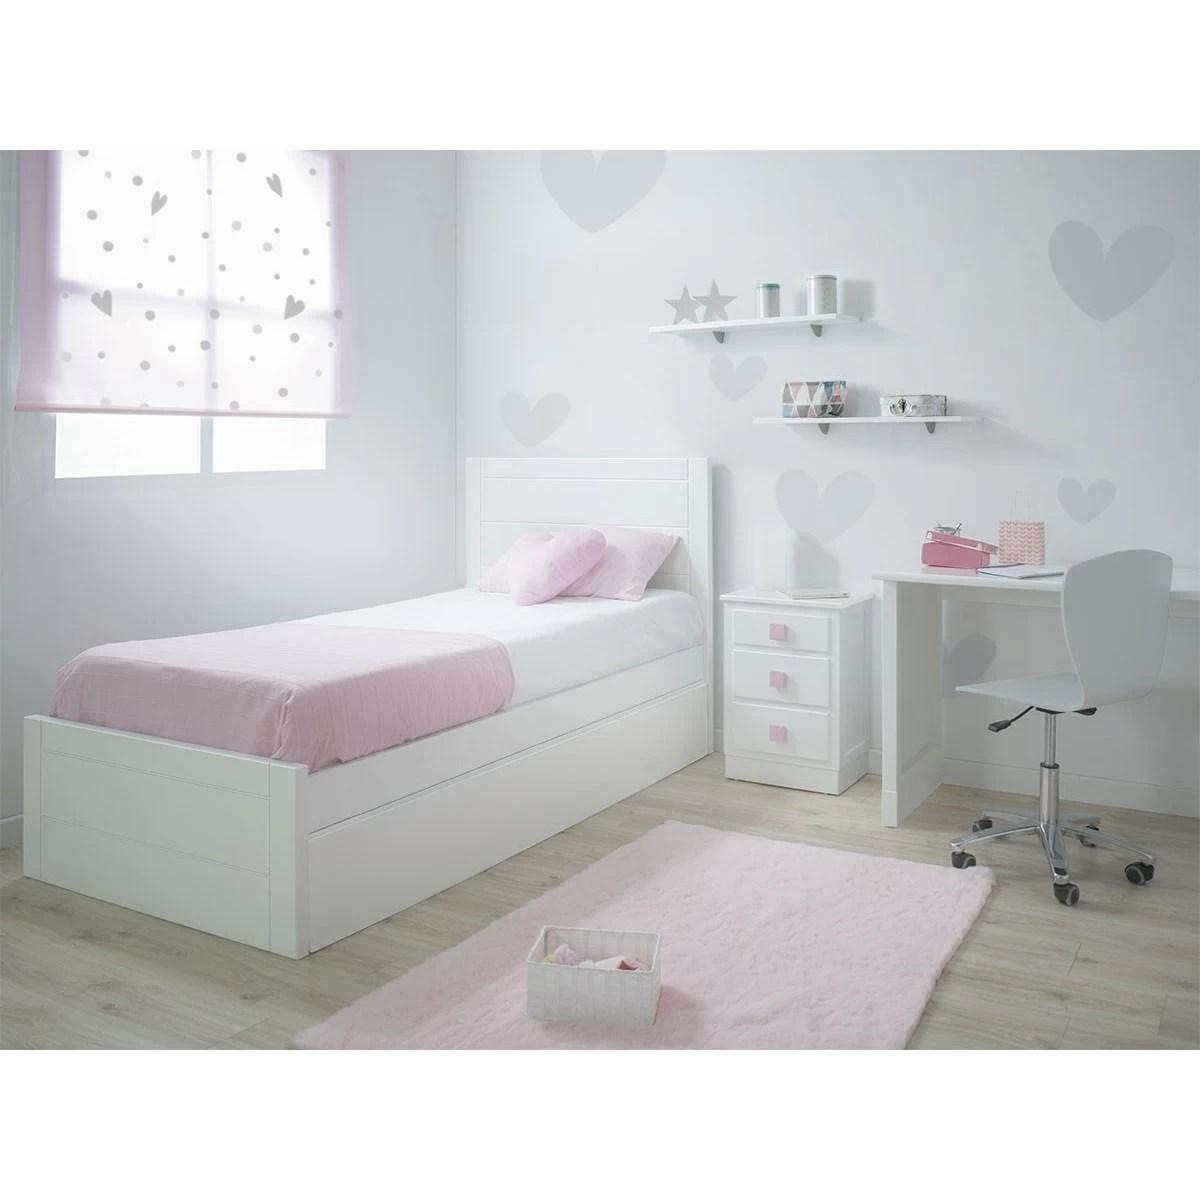 Camera da letto matrimoniale con armadio tre ante scorrevoli e letto con box contenitore. Camera Per Ragazzi Lineare Qualita E Servizio Al Miglior Prezzo